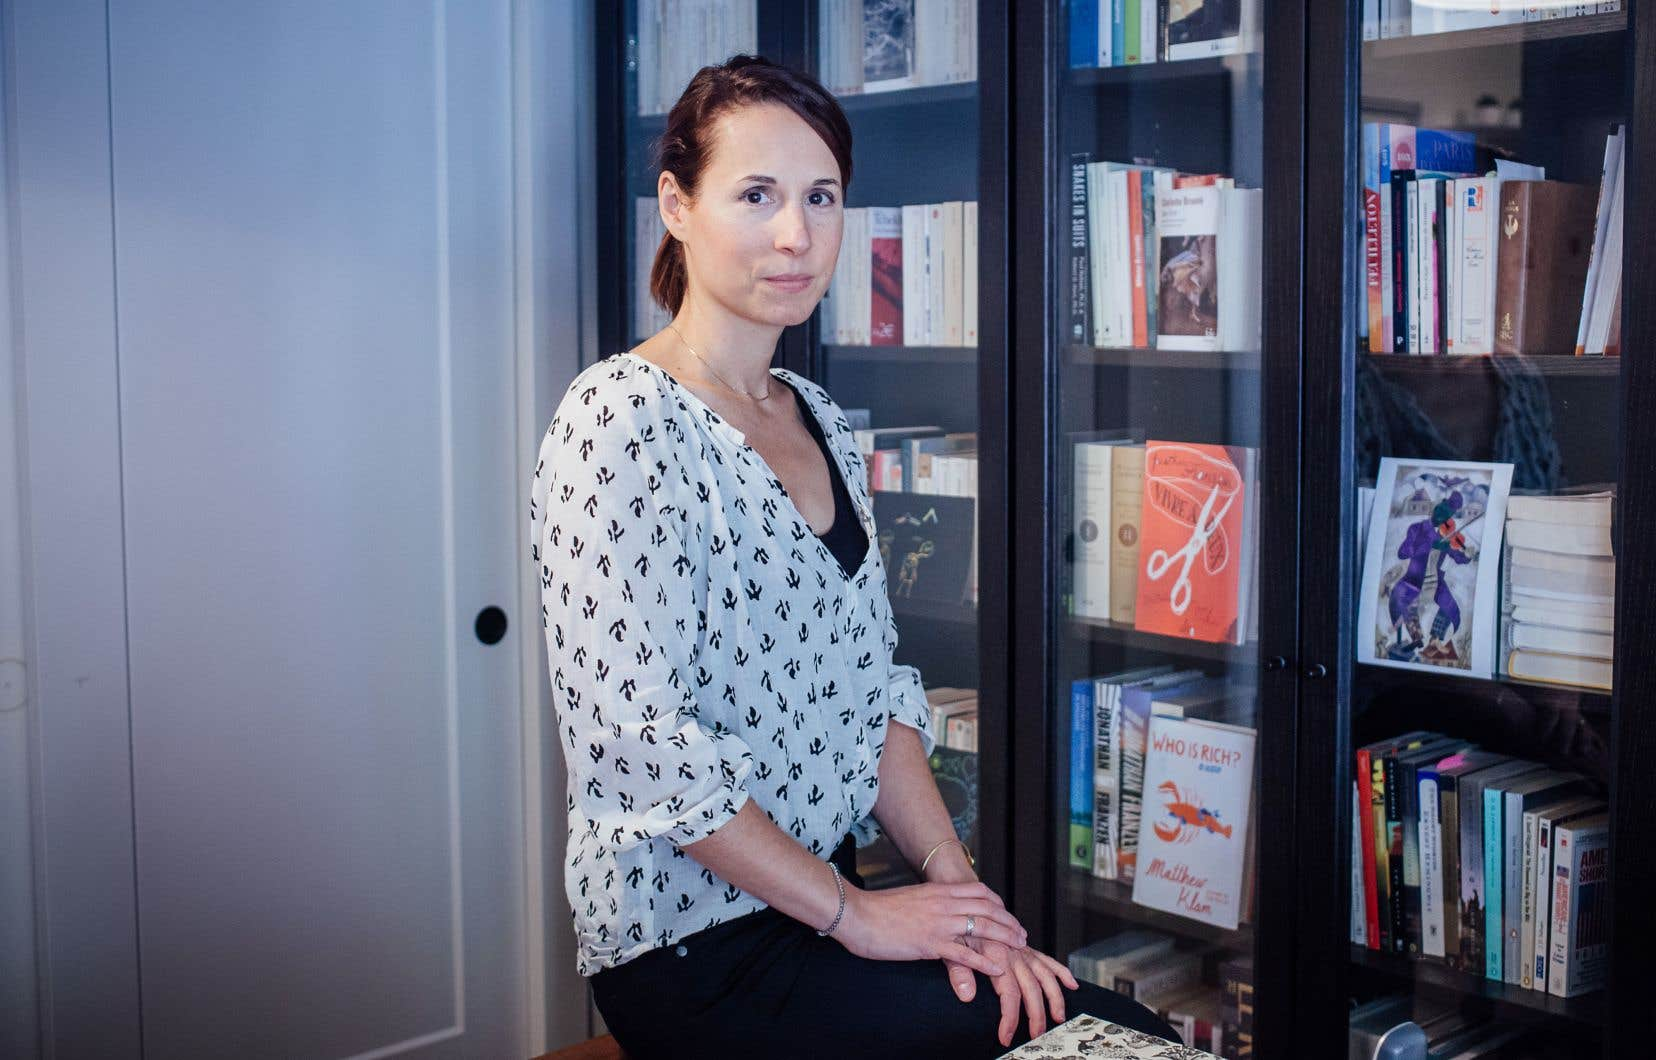 Avec une narration à plusieurs voix, le livre de Nadine Bismuth explore avec une certaine finesse les paradoxes, les limites et les ambiguïtés de la vie de famille.